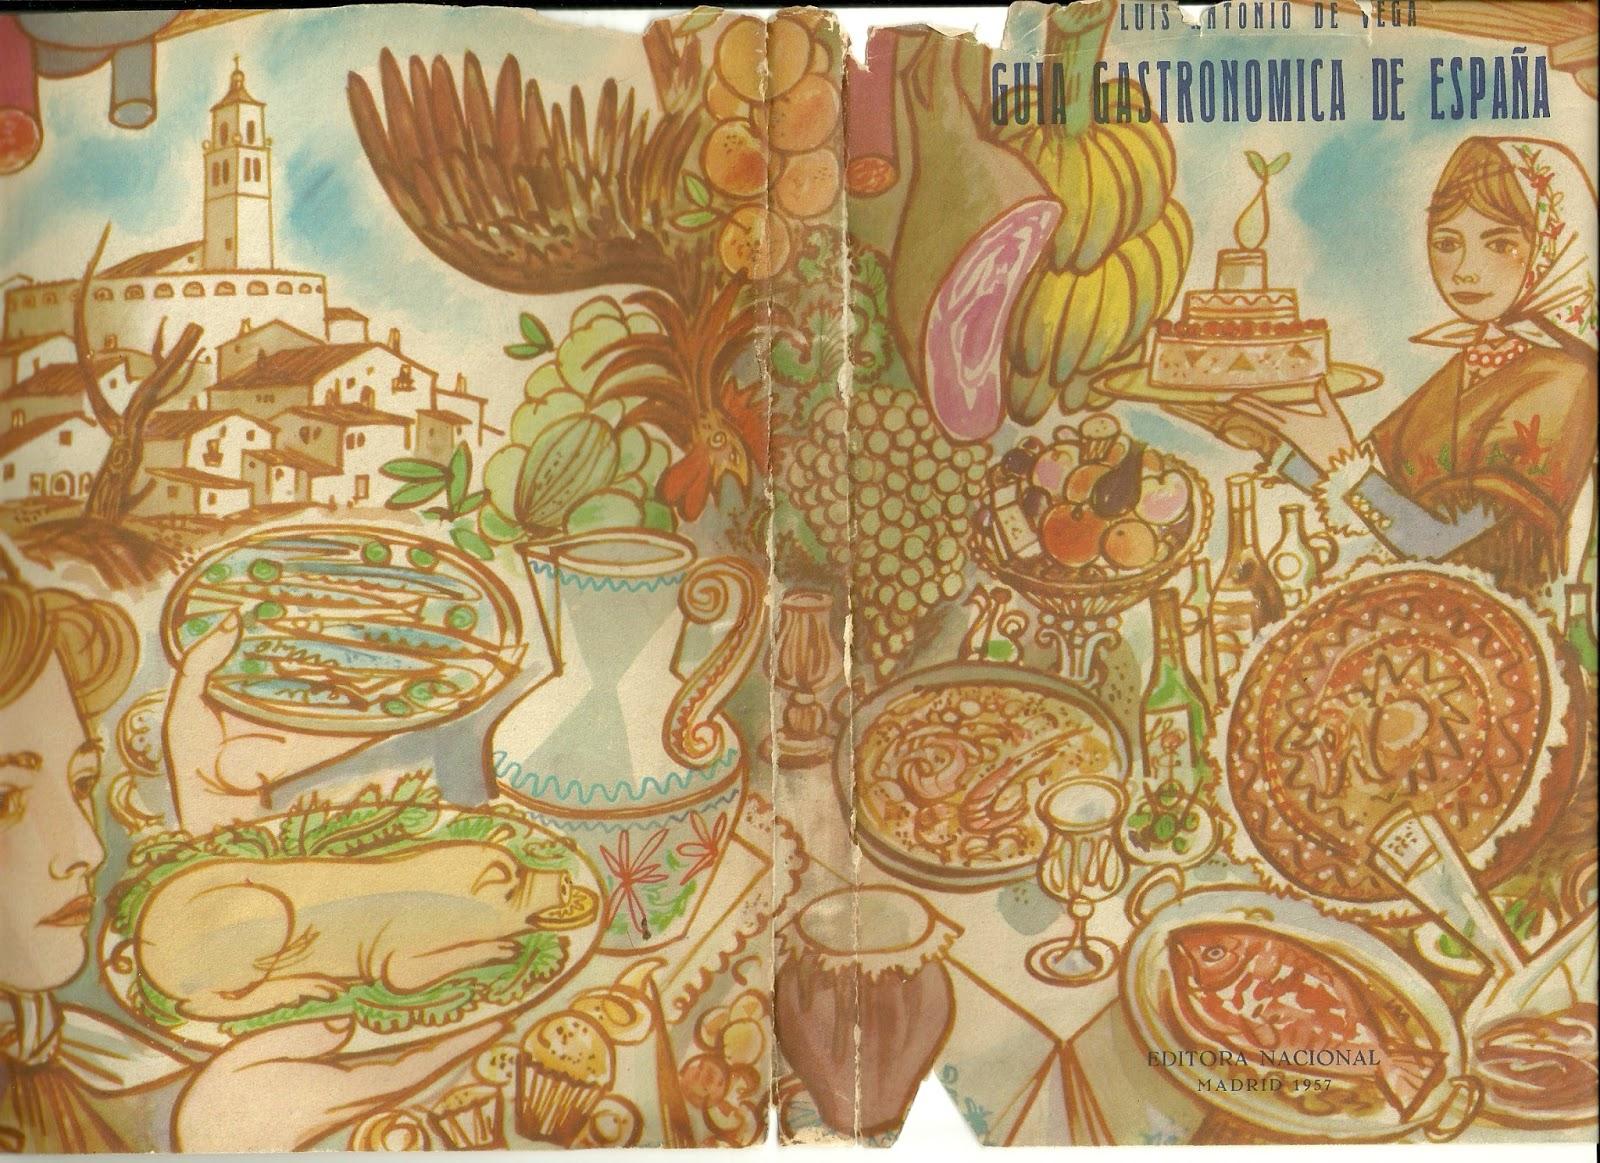 Belloteros por el mundo libros curiosos antiguos gu a gastron mica de espa a - Libreria gastronomica madrid ...